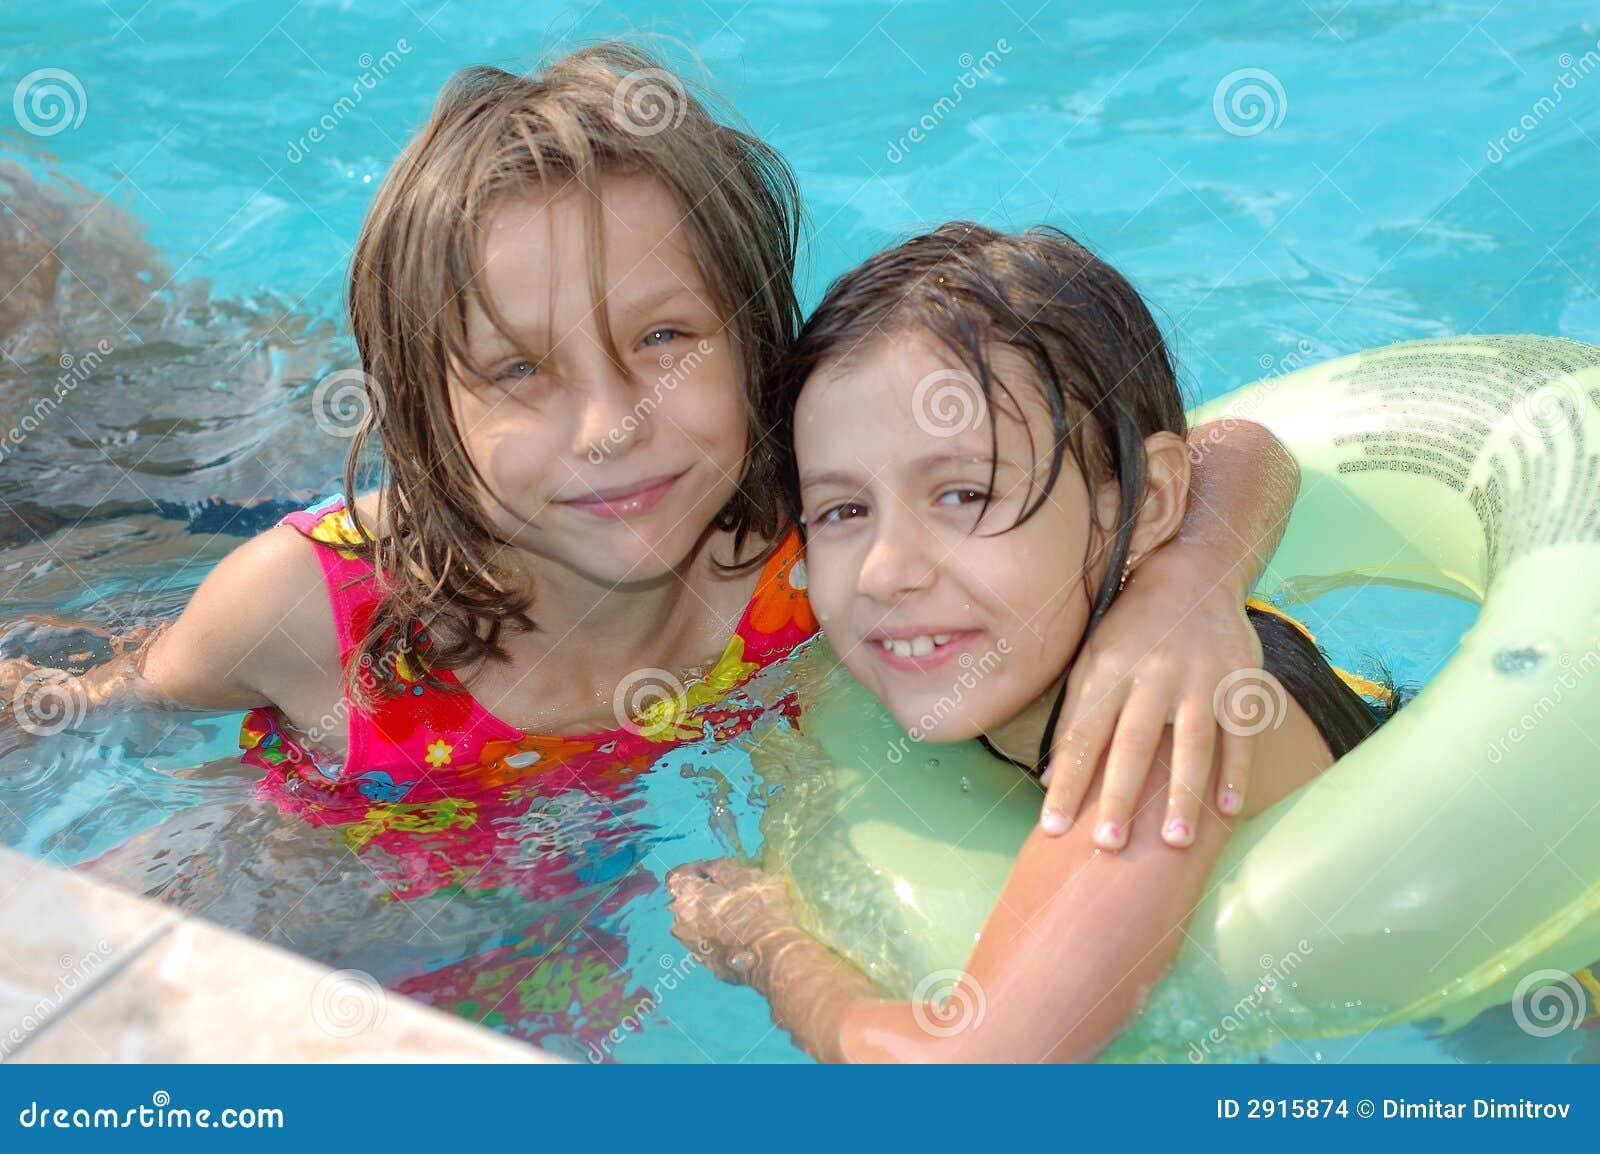 Ni as en la piscina imagenes de archivo imagen 2915874 for Fotos follando en la piscina